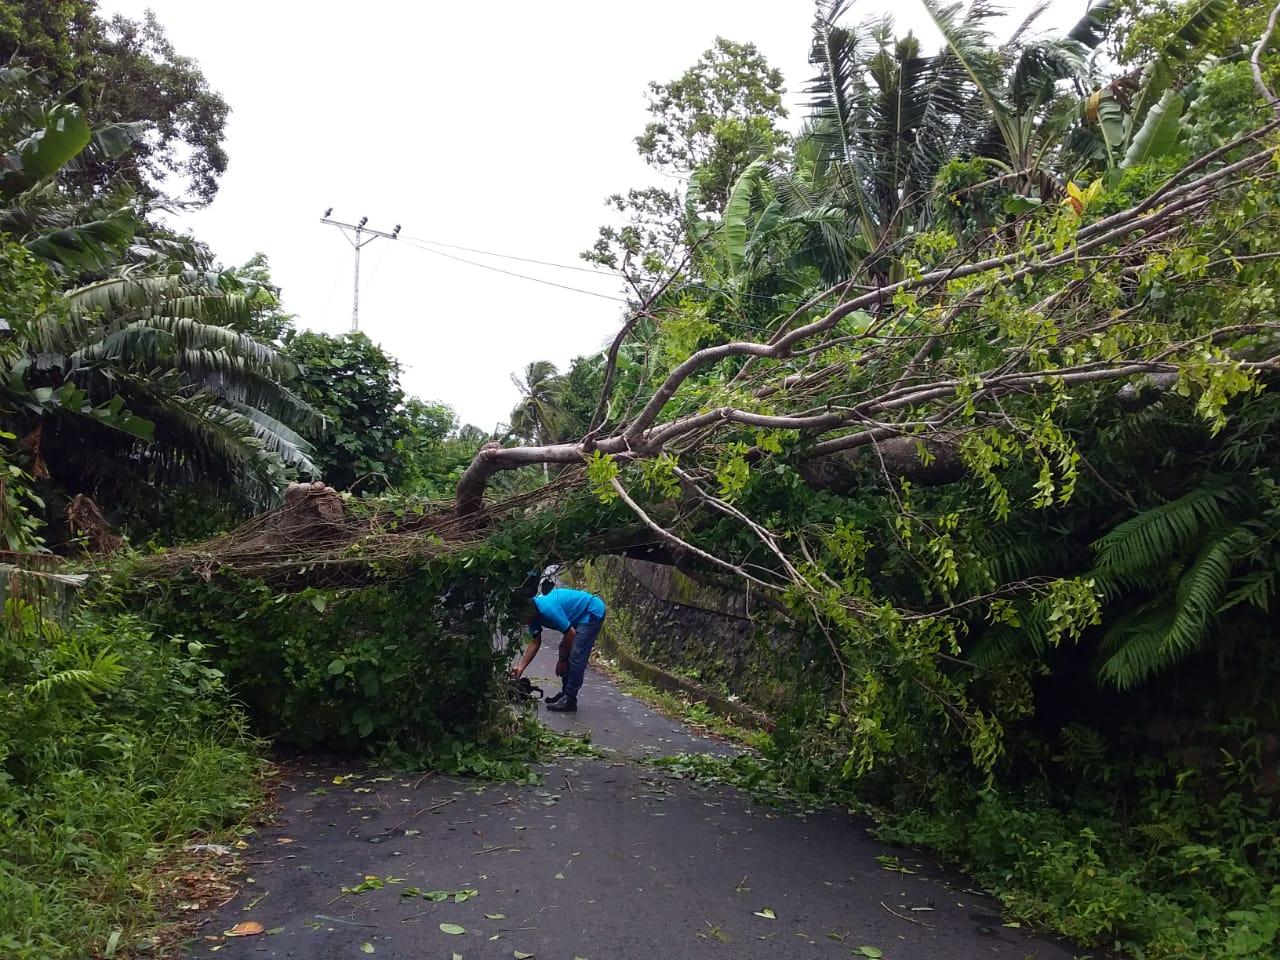 Angin Kencang Terjang Banda, Pohon Tumbang & Rumah Rusak